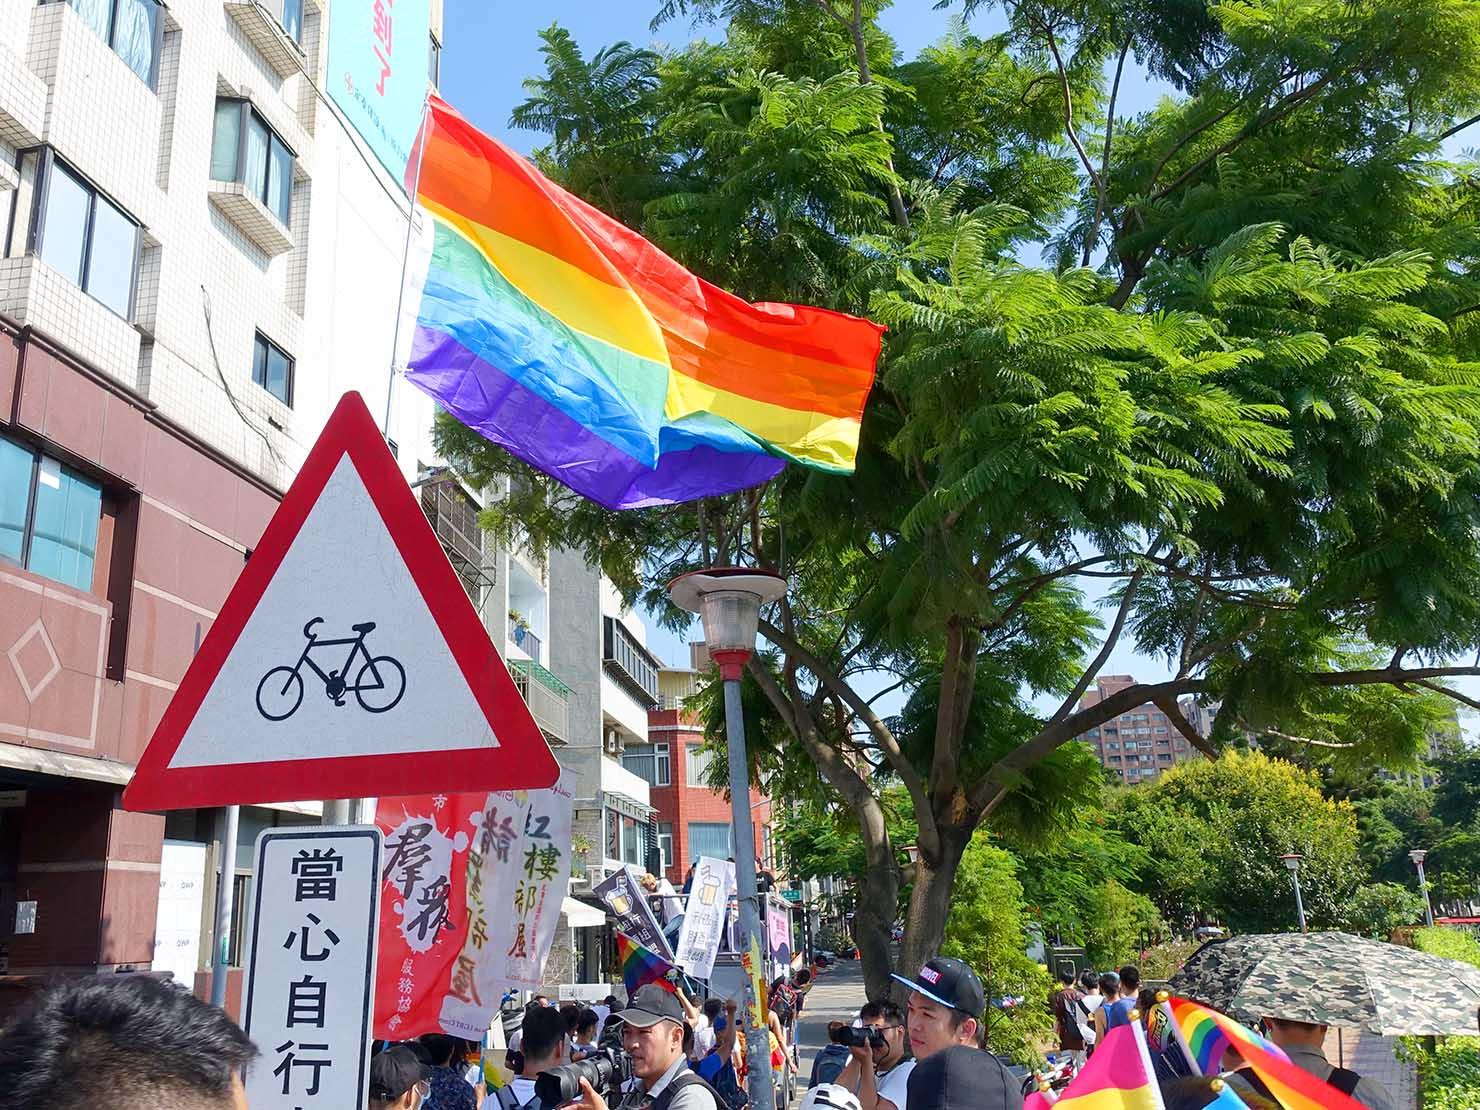 台湾・桃園のLGBTプライド「桃園彩虹野餐日」2020のゴール地点前に翻るレインボーフラッグ